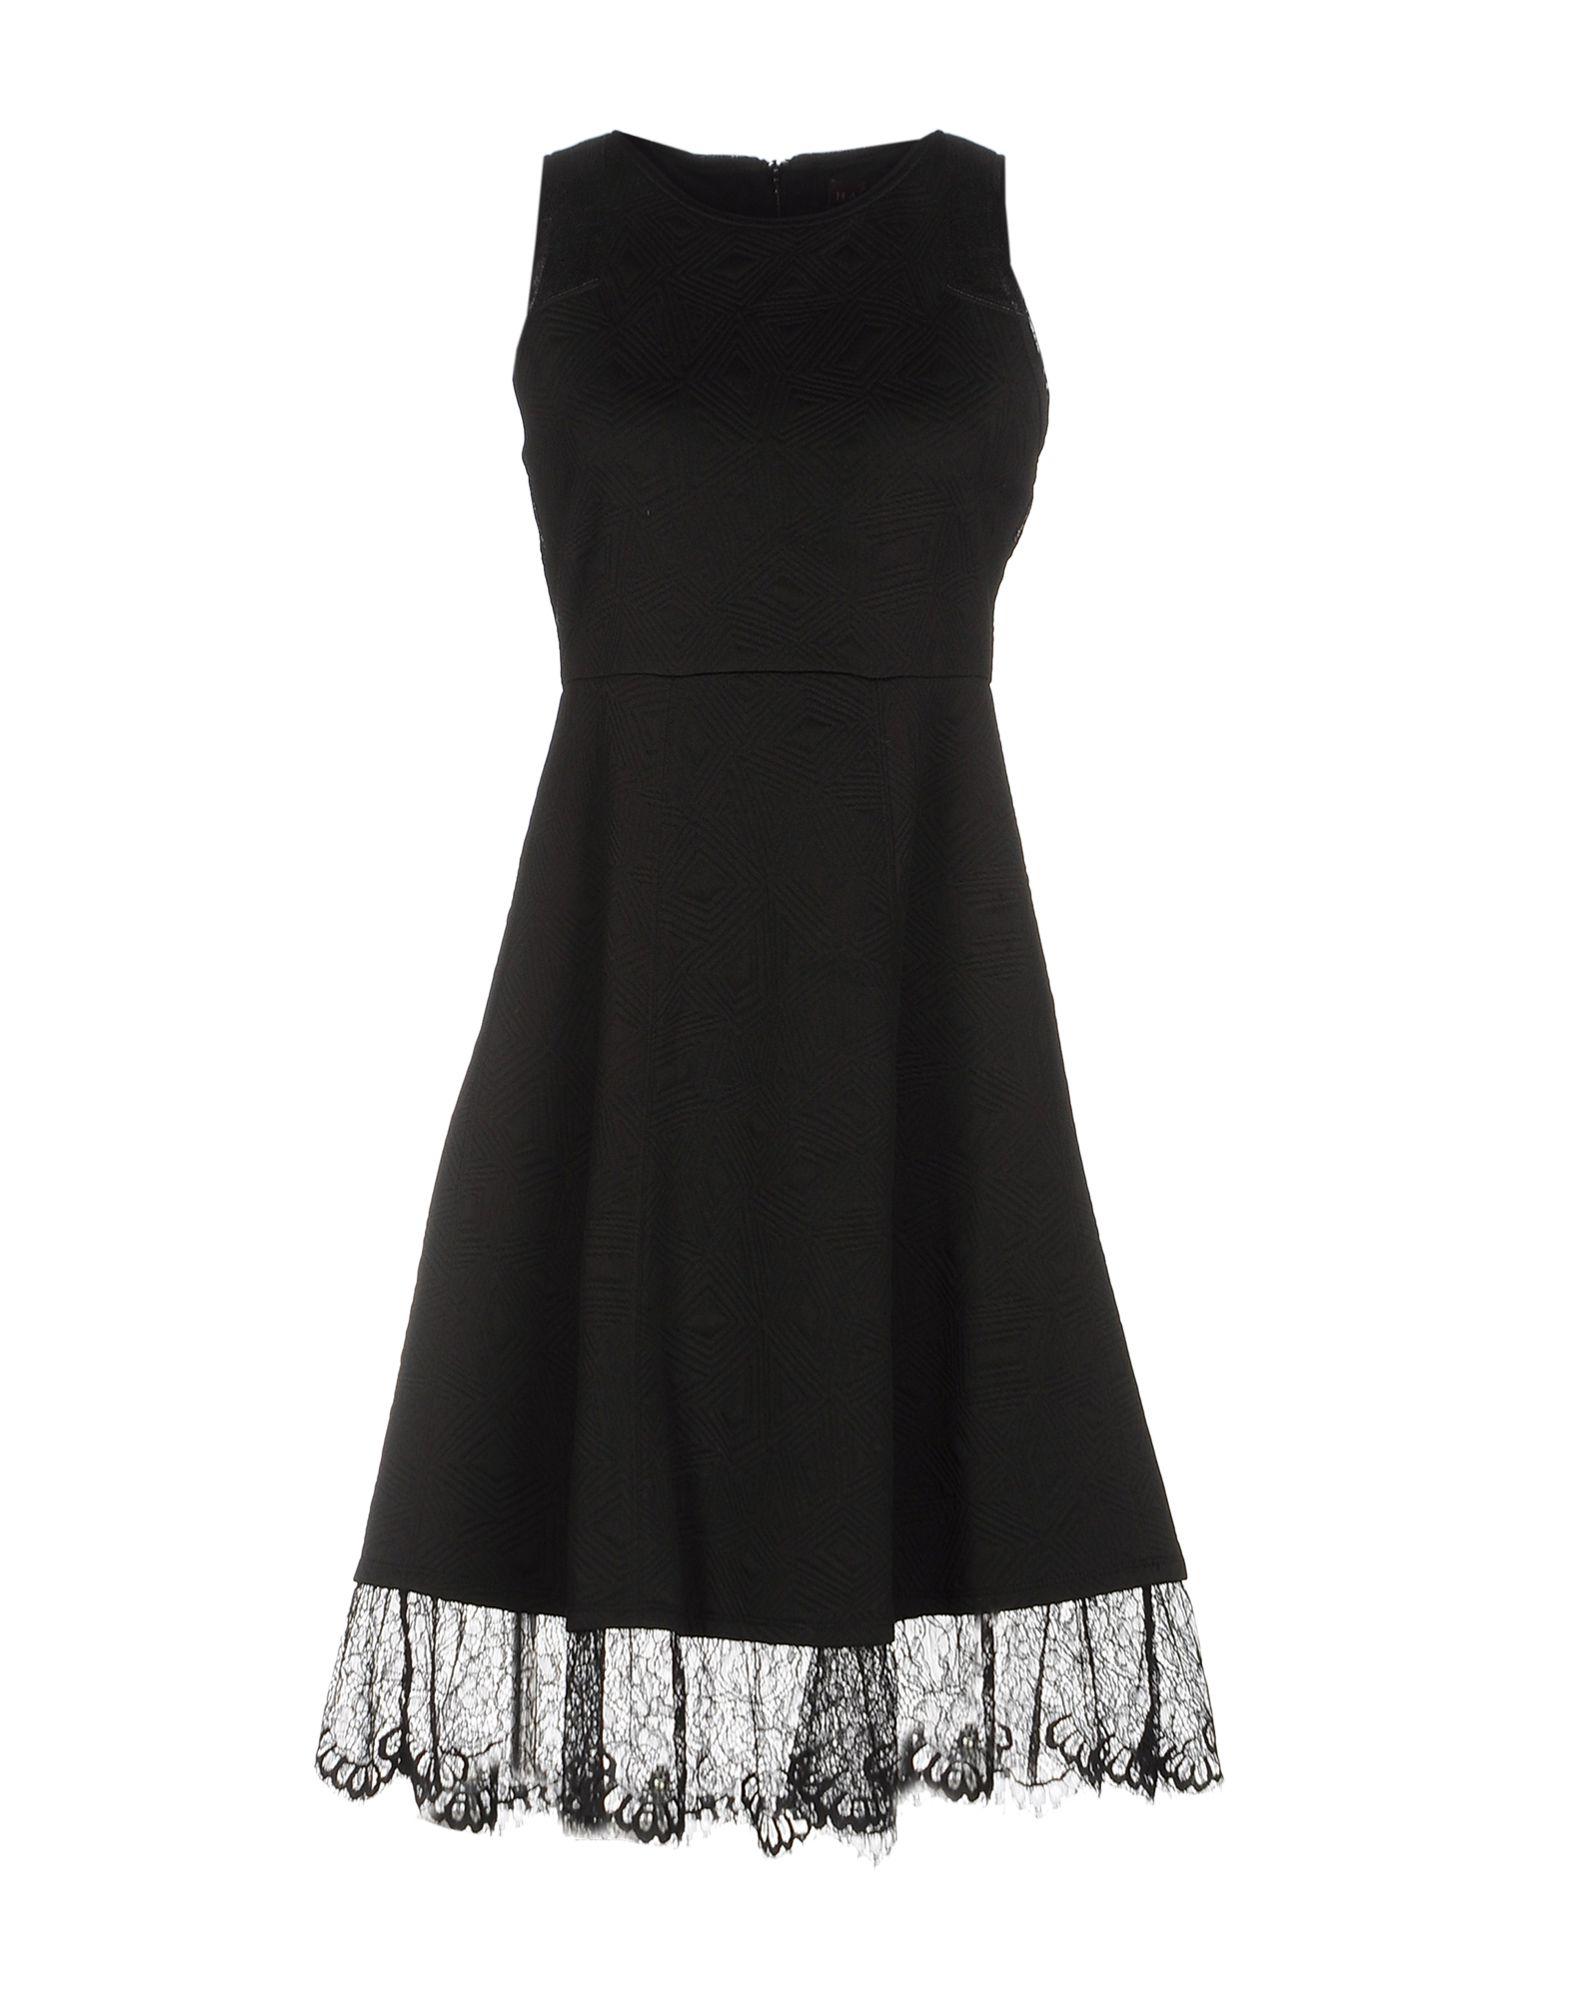 HALE BOB Платье до колена платье без рукавов с кружевной вставкой на спинке